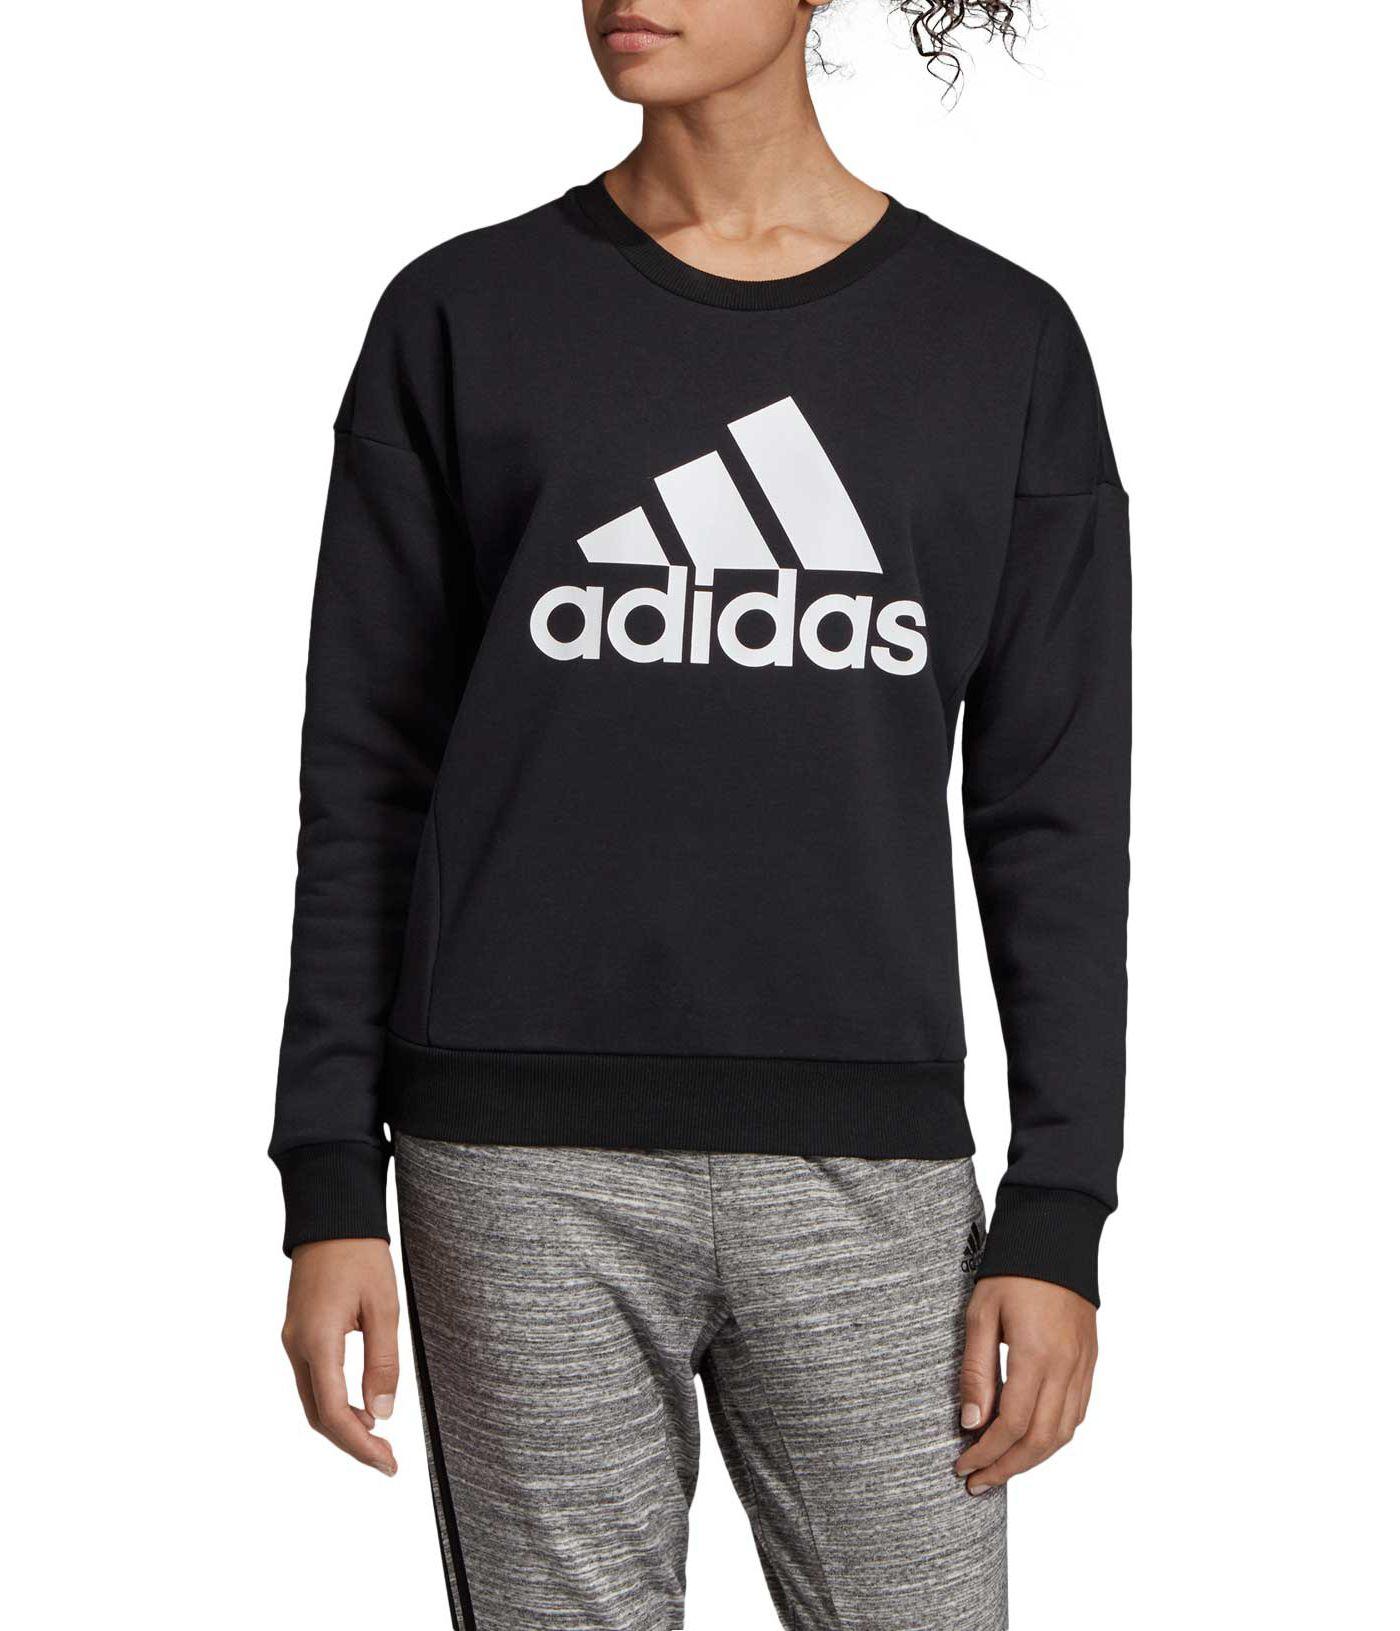 adidas Women's Must Haves Badge Of Sport Crew Neck Sweatshirt